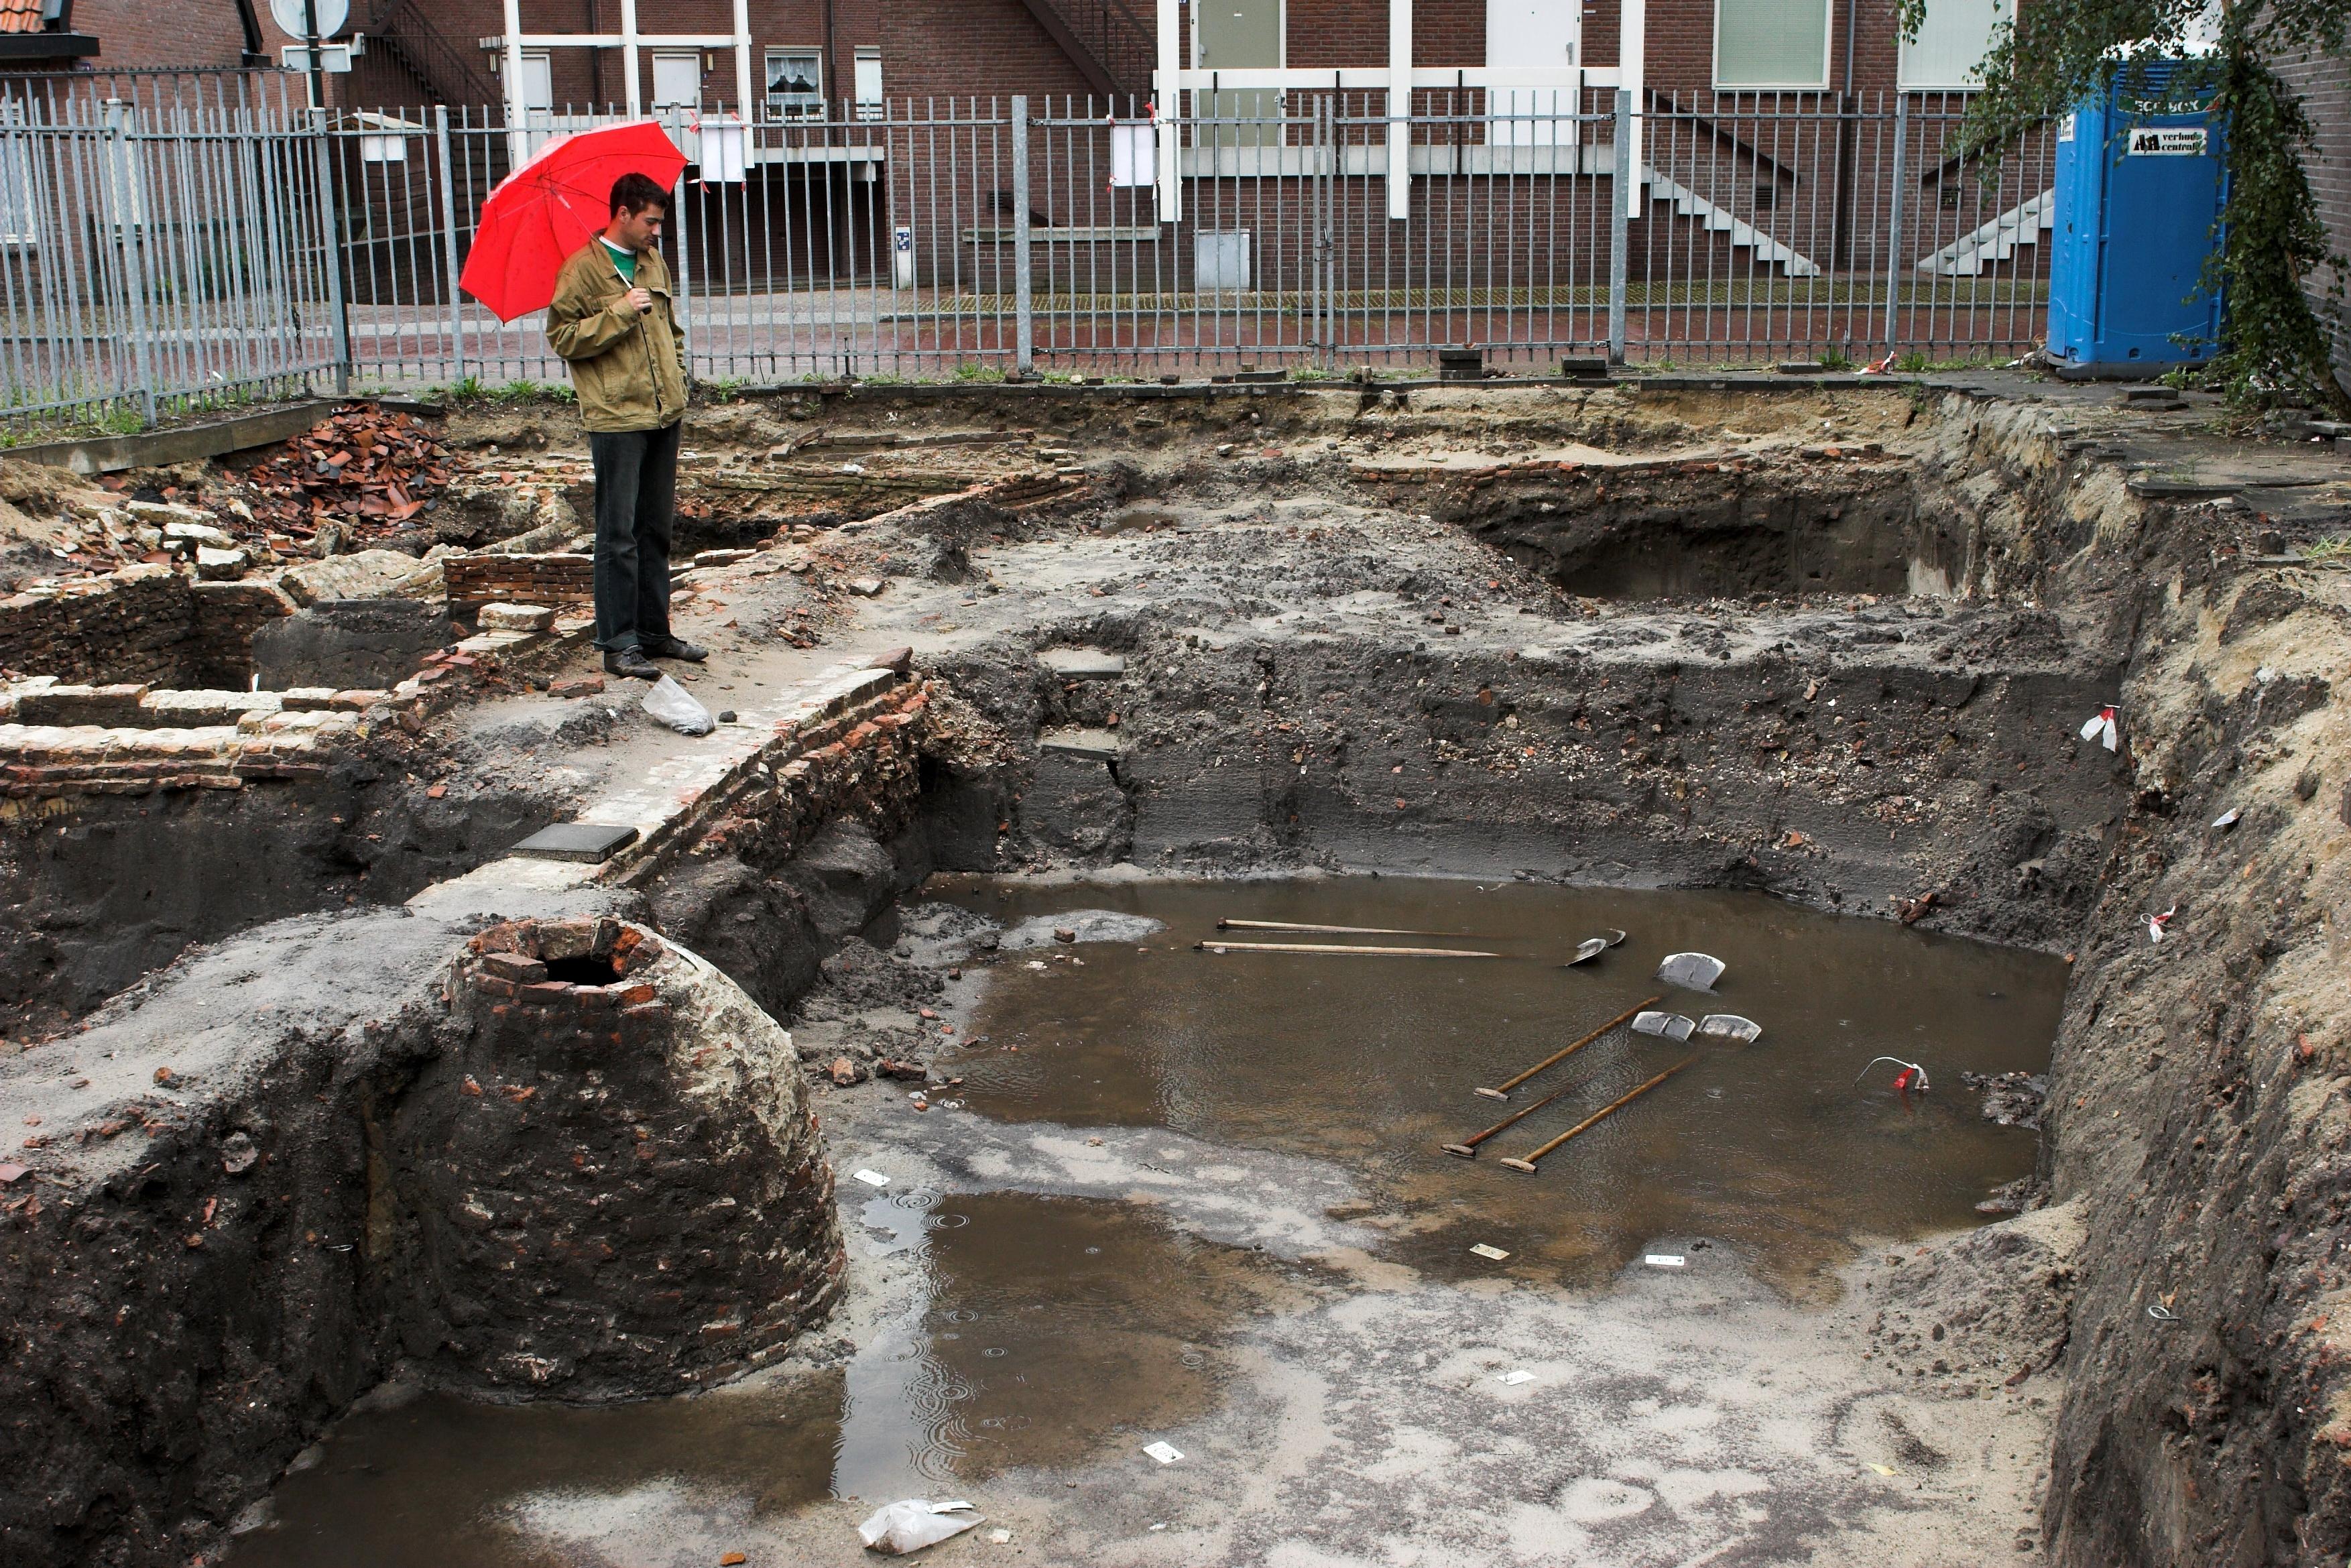 Opgraving Achter de Kamp - Het effect van heftige regenbuien